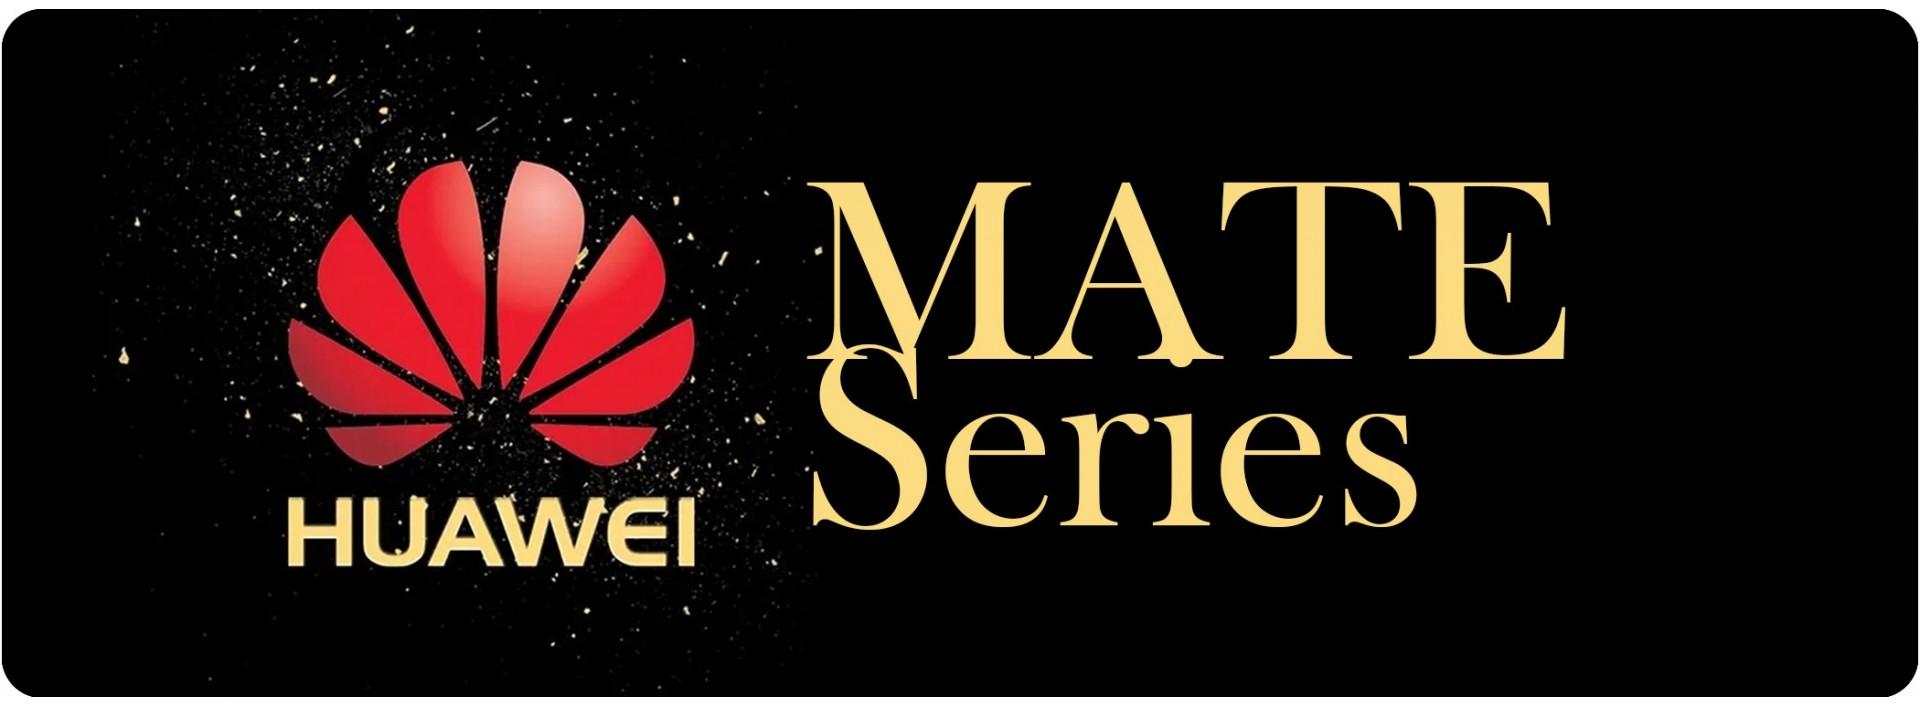 Fundas PERSONALIZADAS para Huawei Serie Mate, el mejor precio y calidad